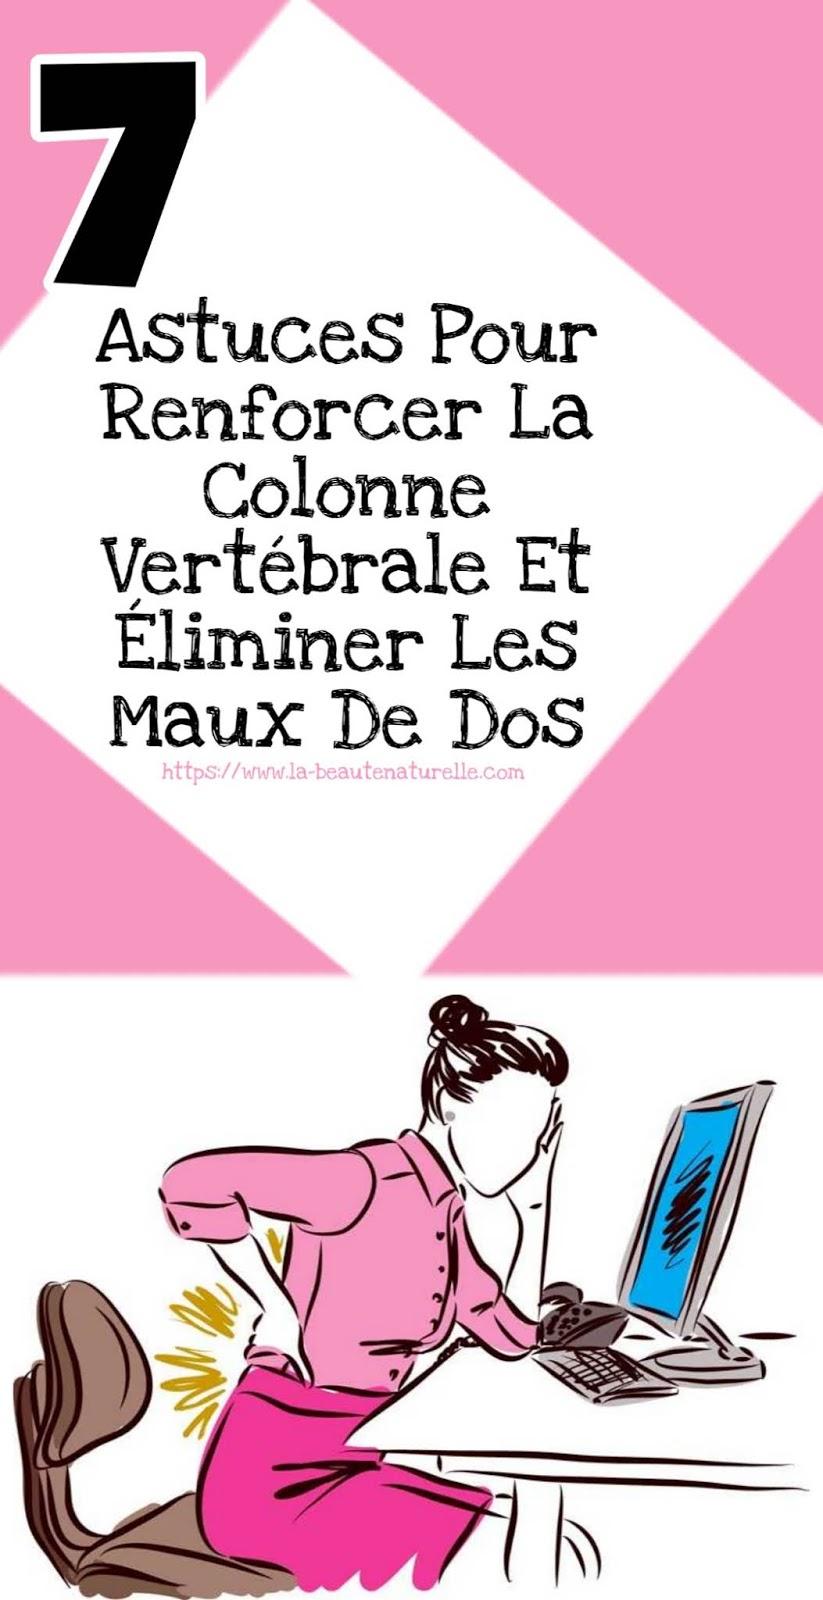 7 Astuces Pour Renforcer La Colonne Vertébrale Et Éliminer Les Maux De Dos